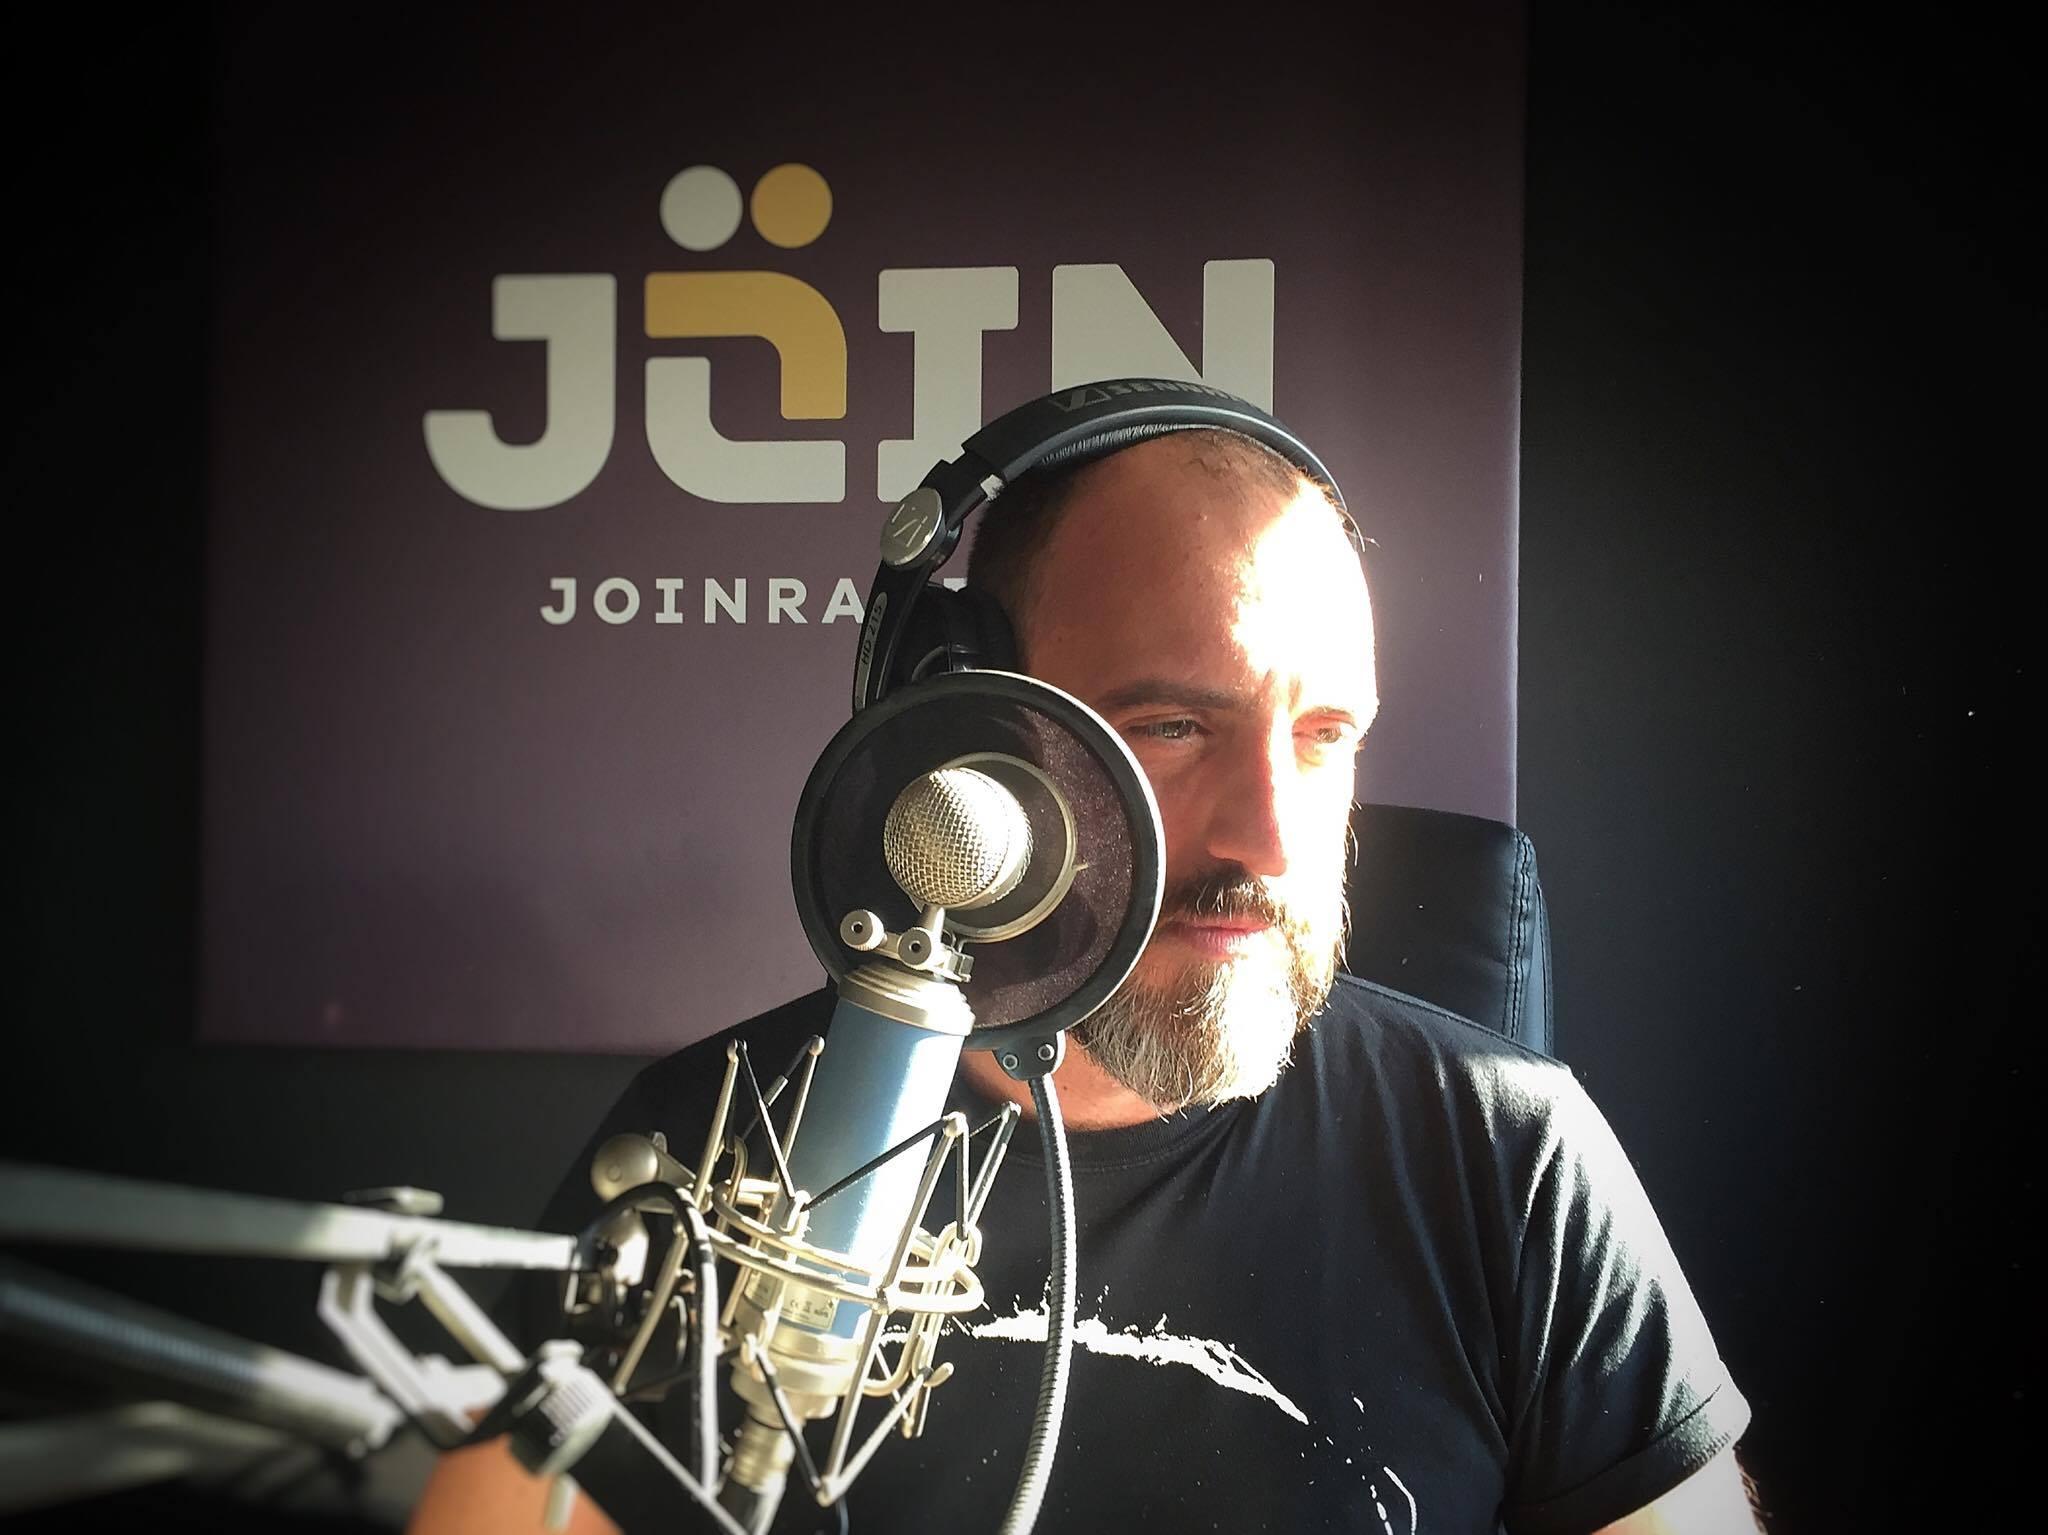 JOIN JOHN!